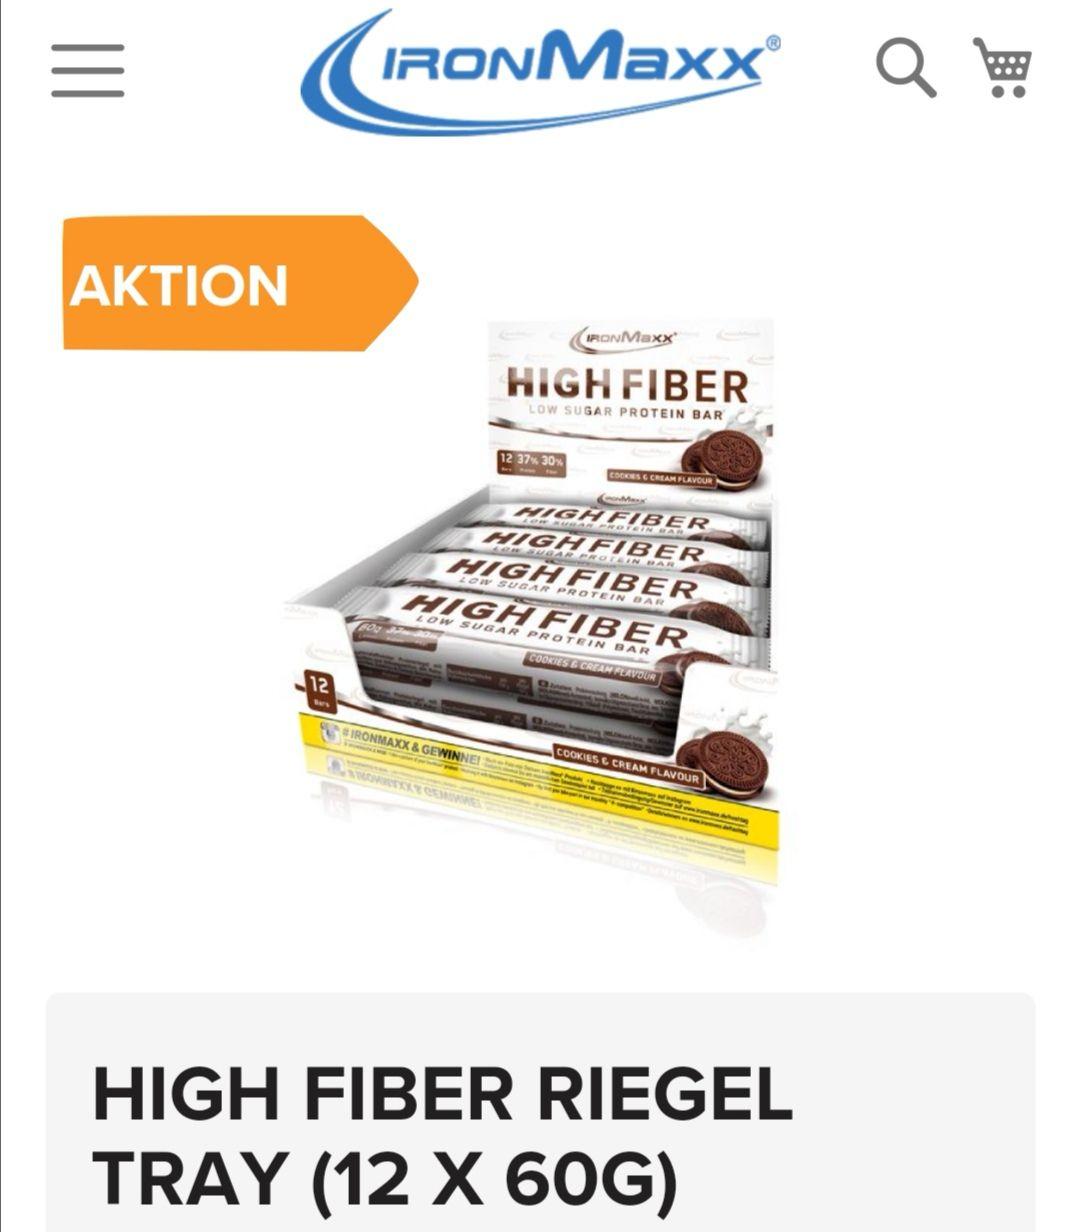 12x Ironmaxx Protein Riegel (0,49/Riegel, ab 30€ versandkostenfrei)